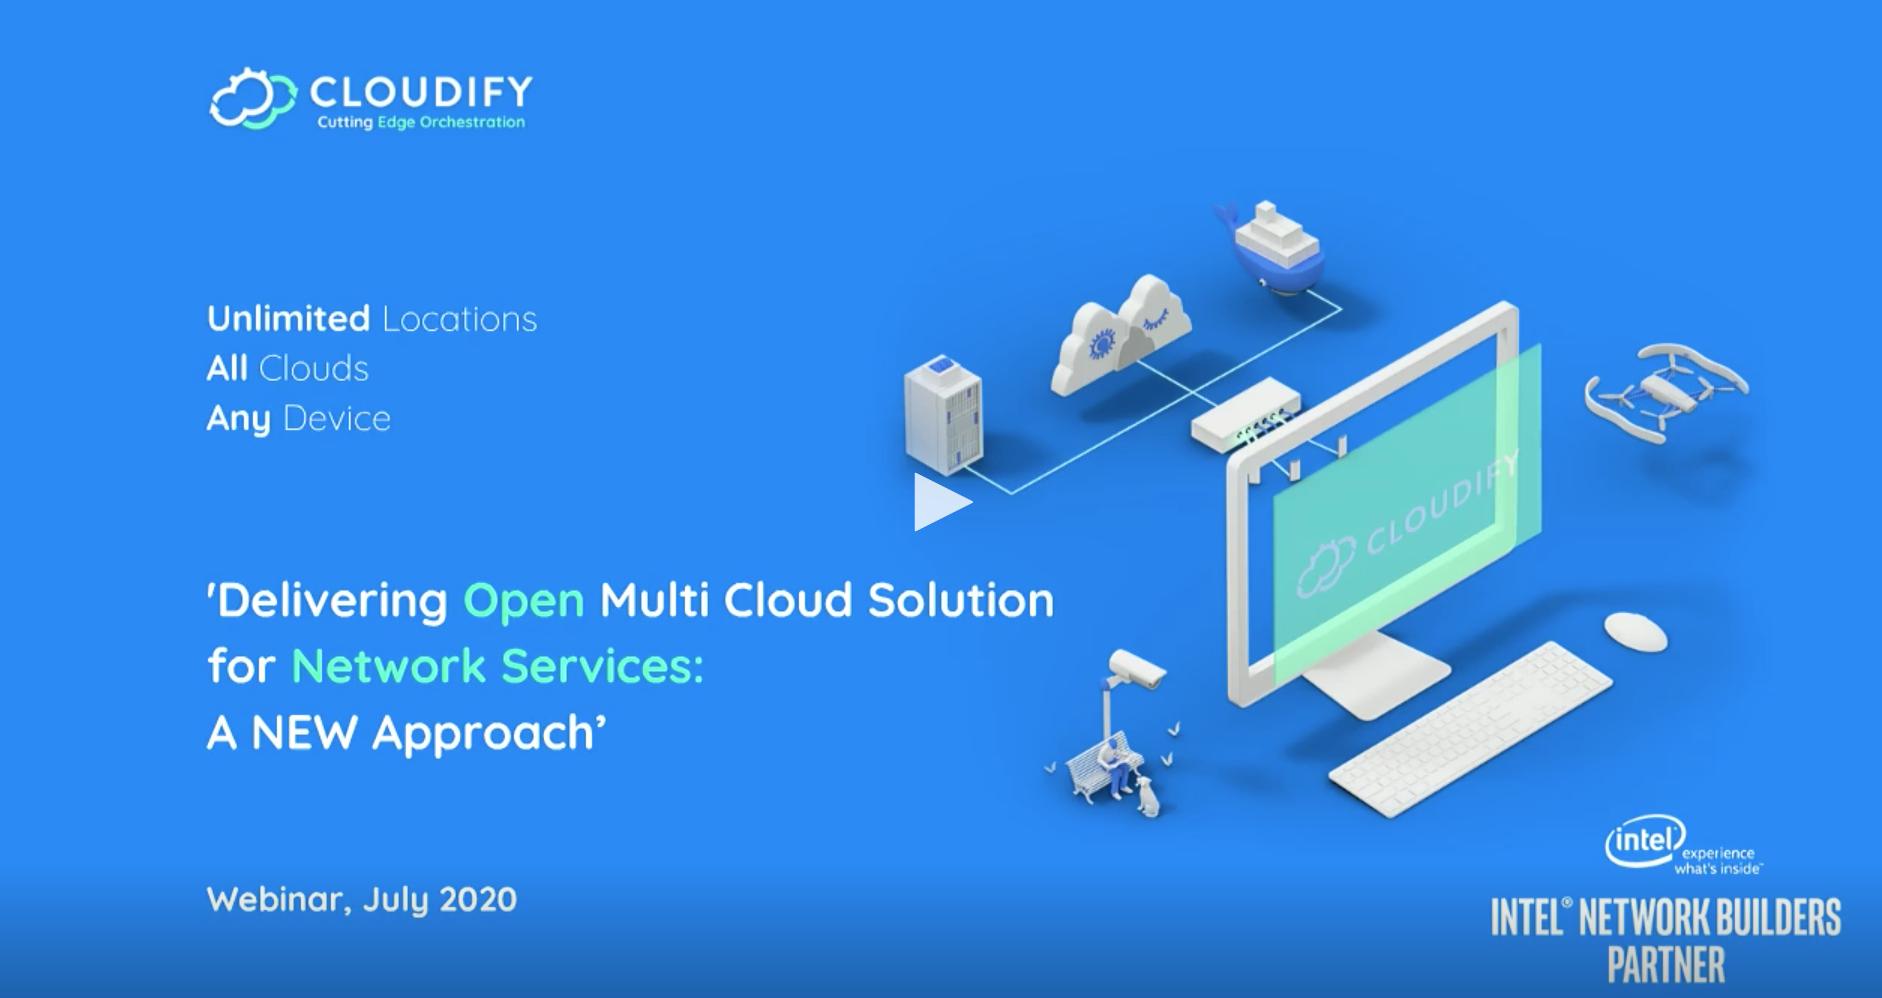 cloudify intel webinar